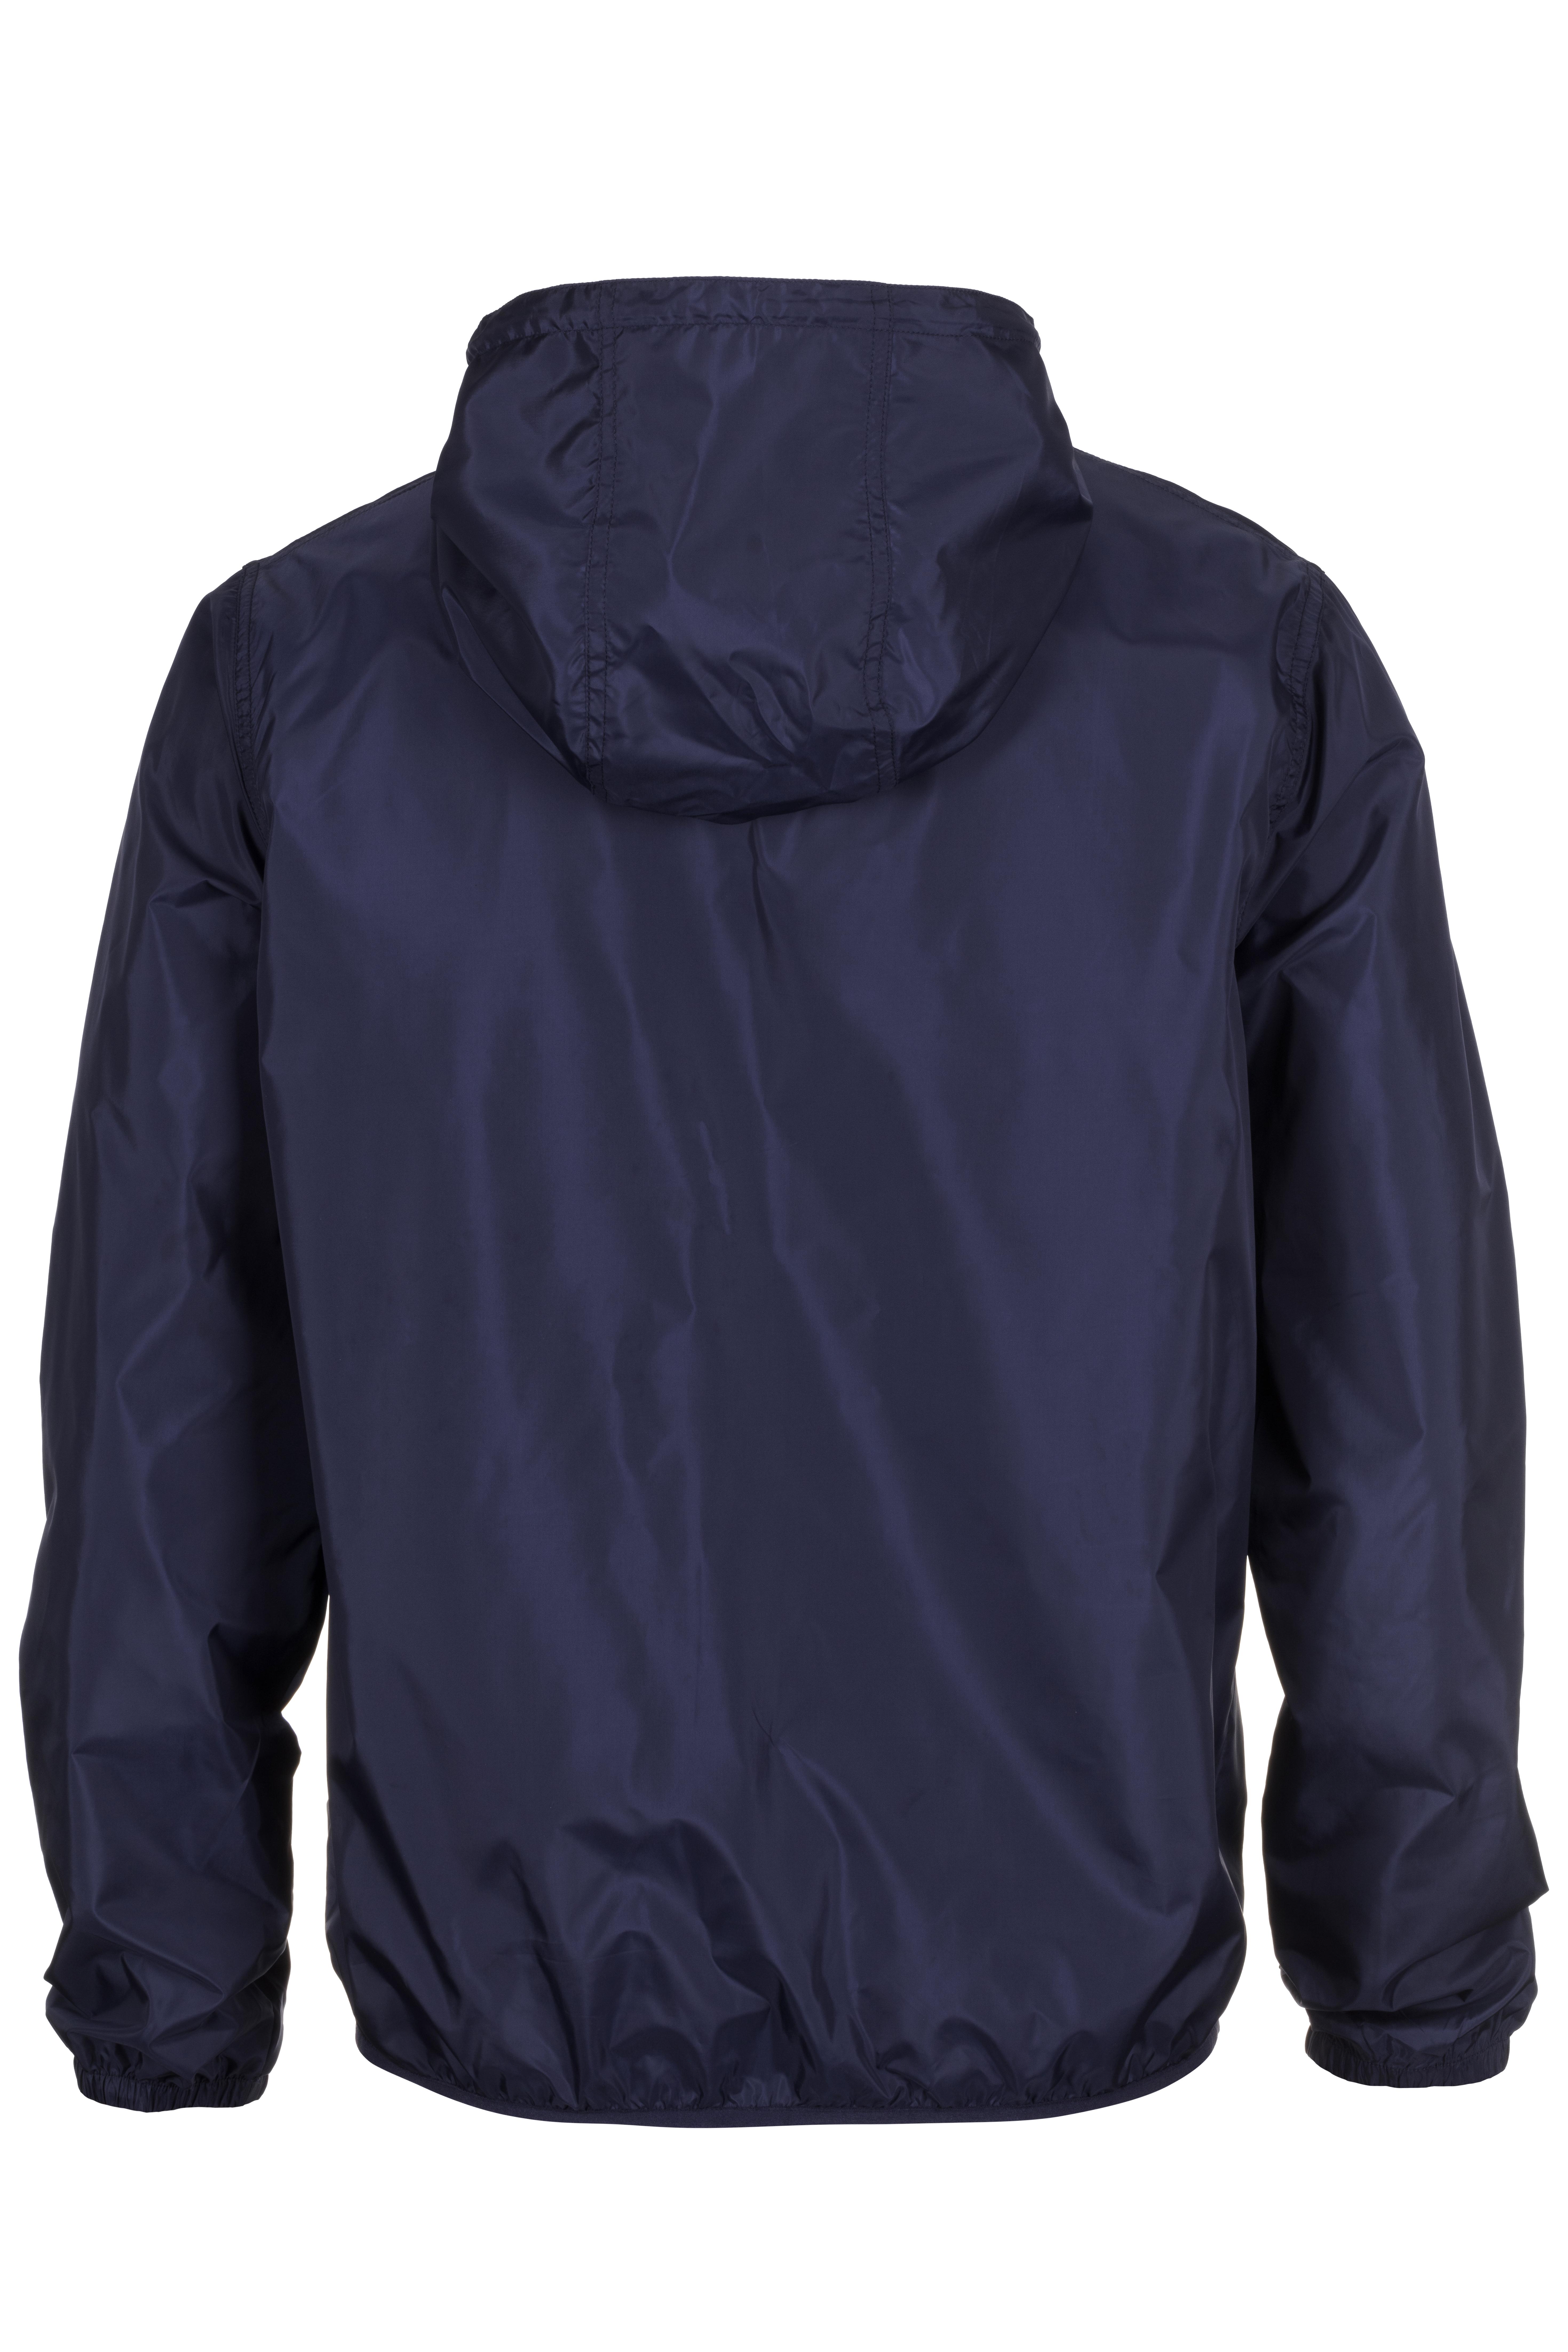 Custom made jackets (23)